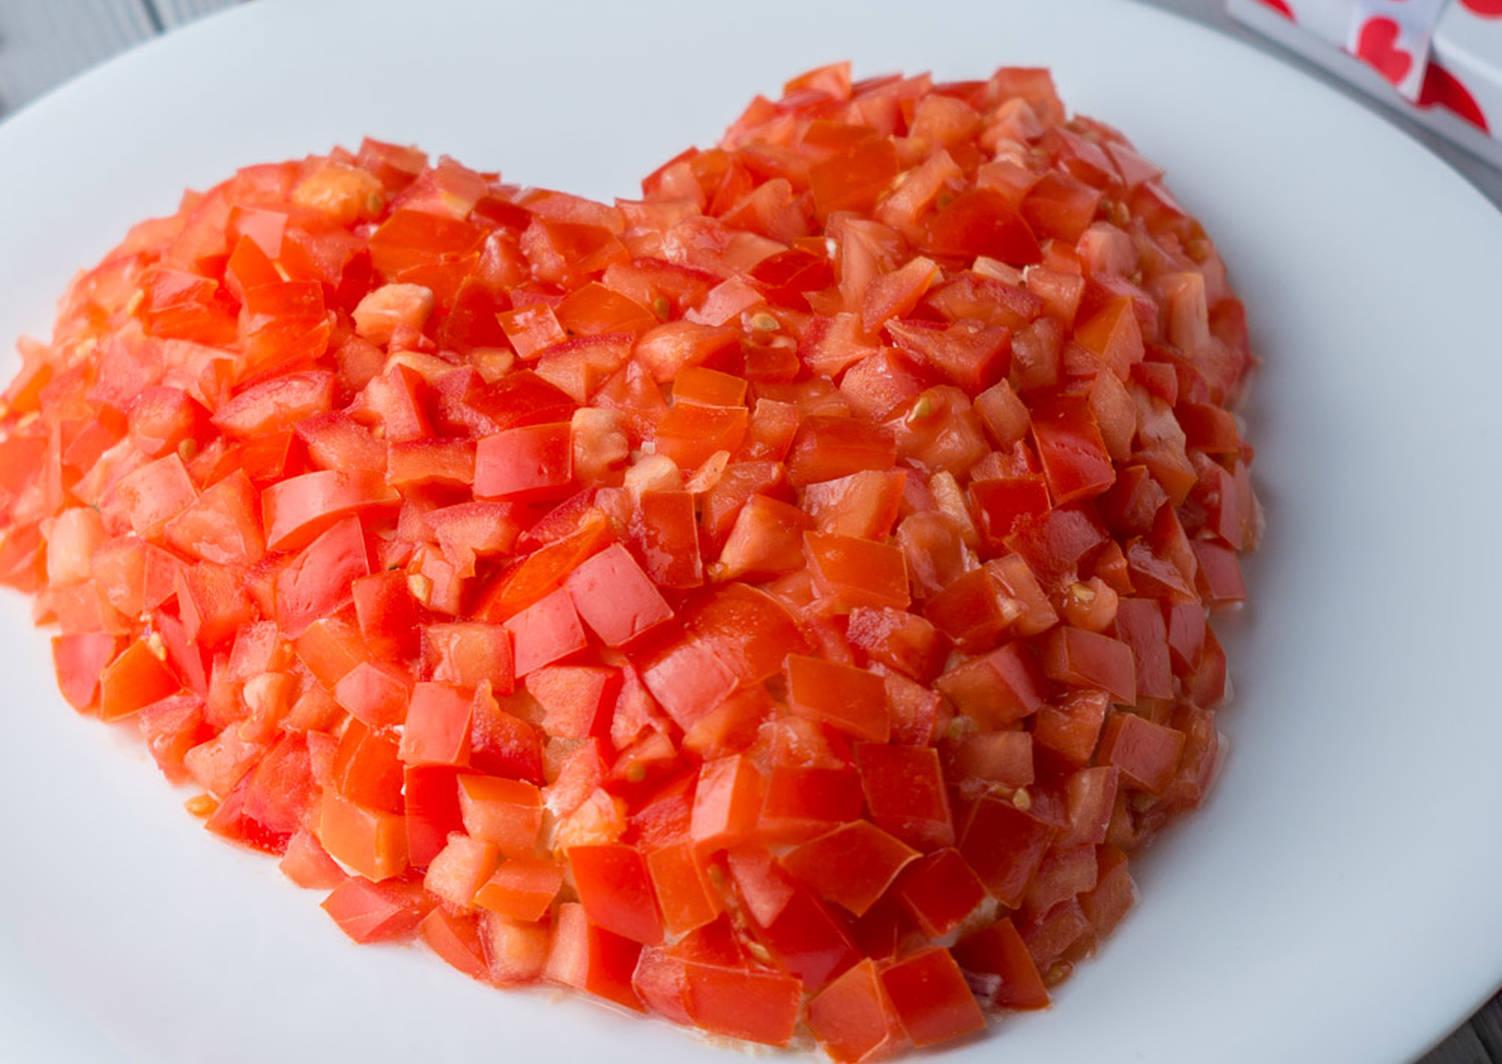 салат в виде сердца рецепт с фото эффективный способ достижения